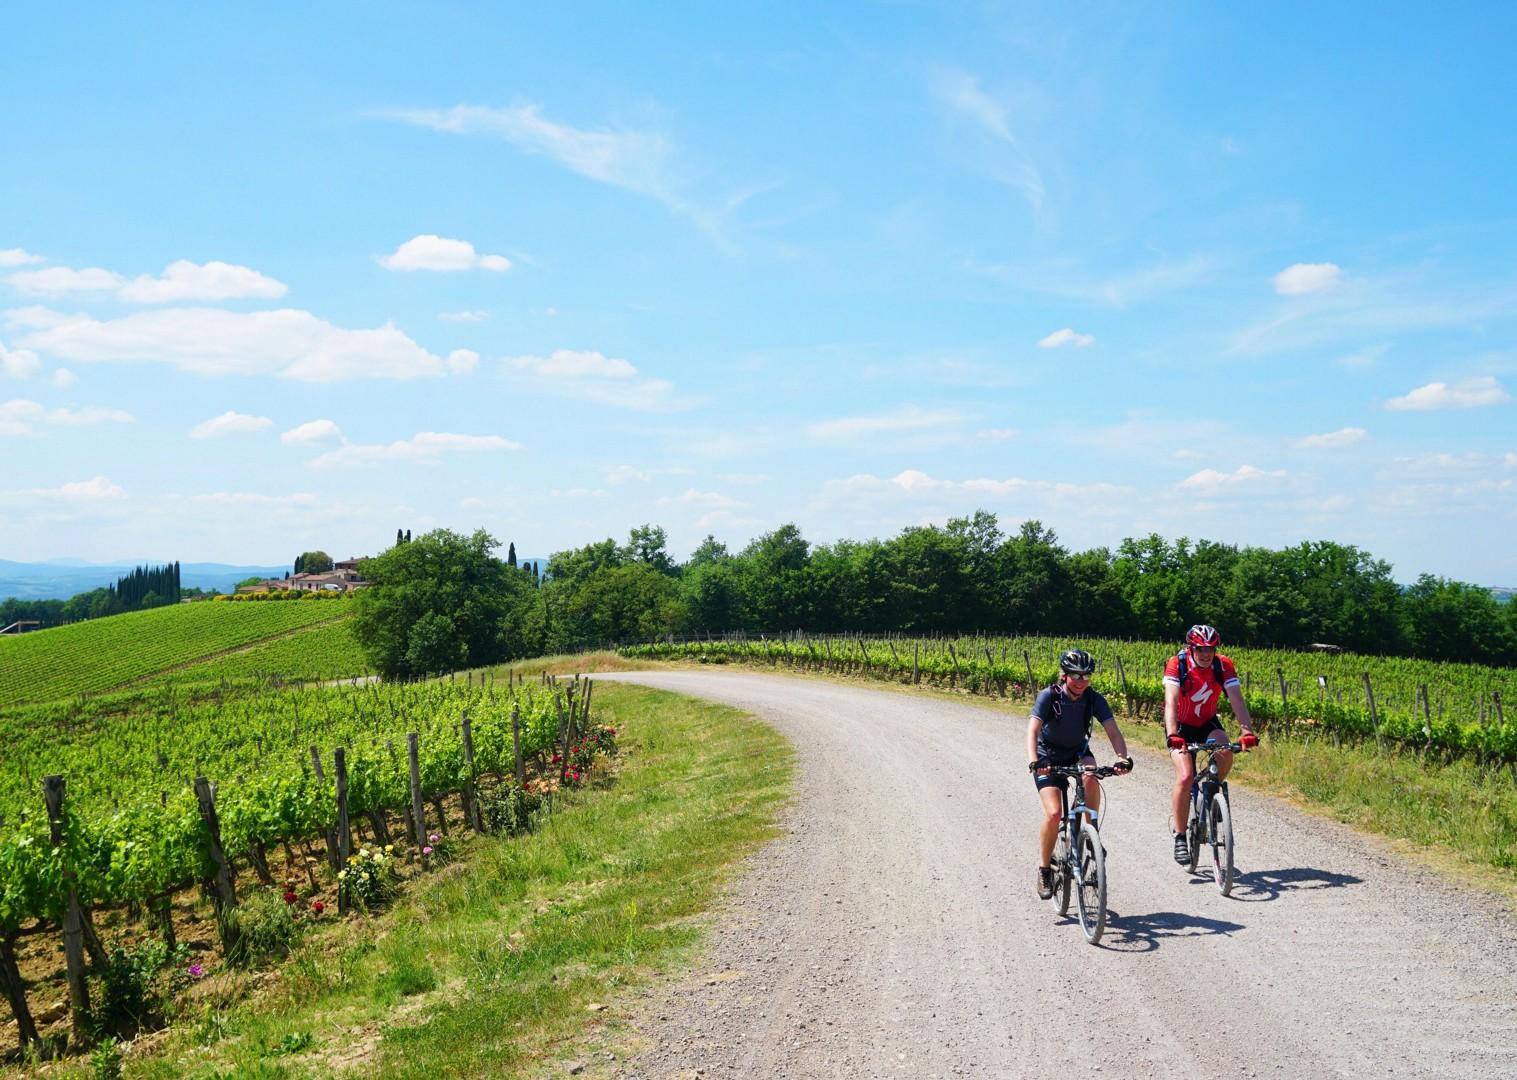 _Holiday.863.18912.jpg - Italy - Via Francigena (Tuscany to Rome) - Guided Mountain Biking Holiday - Mountain Biking